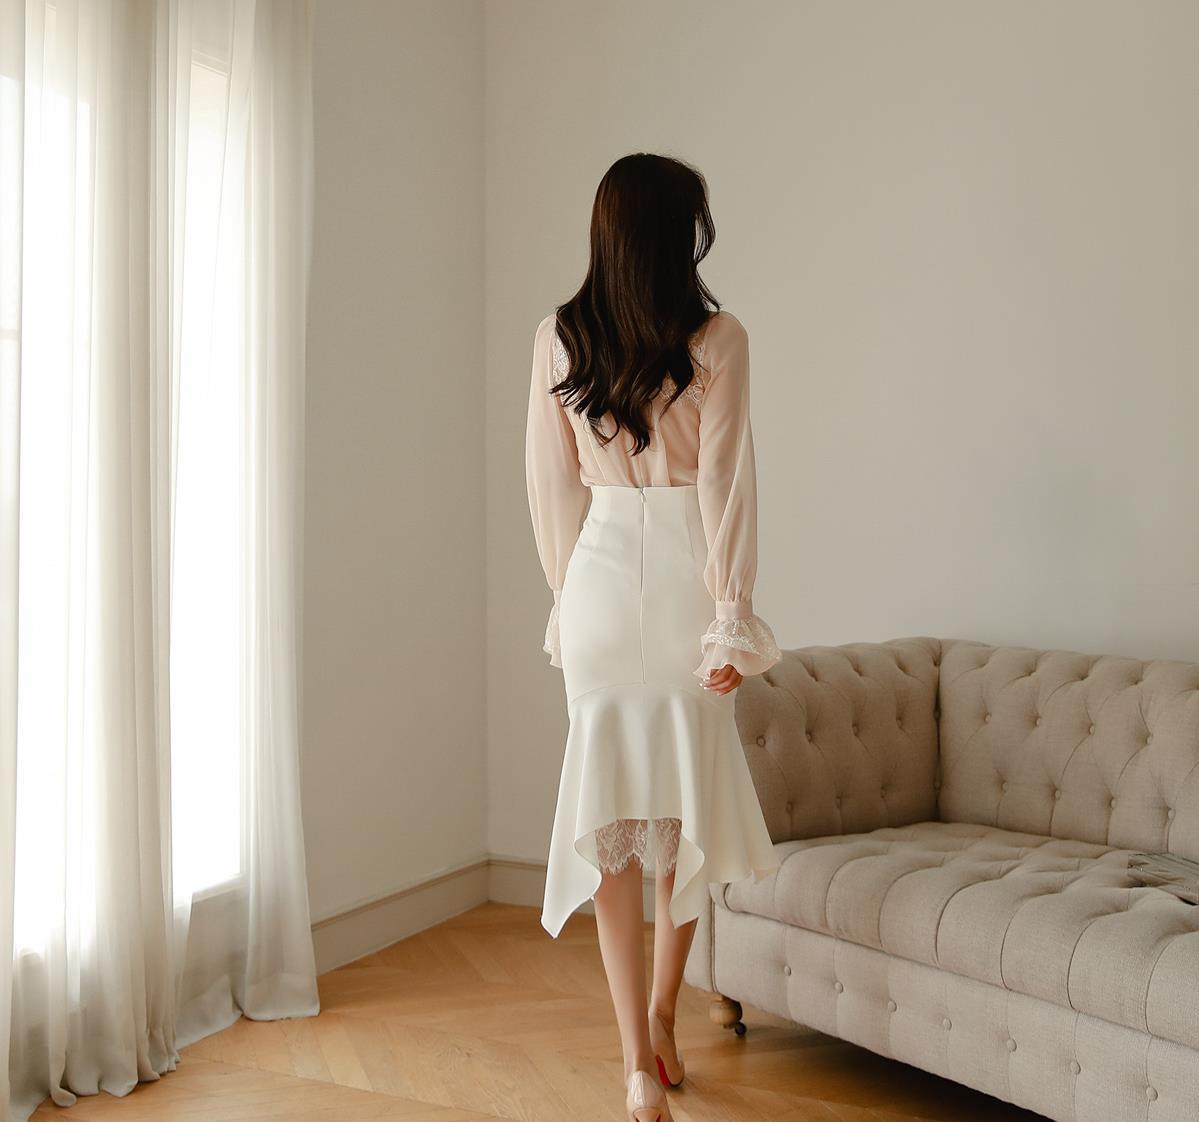 孙允珠高清美图:真丝凤凰雕纹透丽及膝裙写真